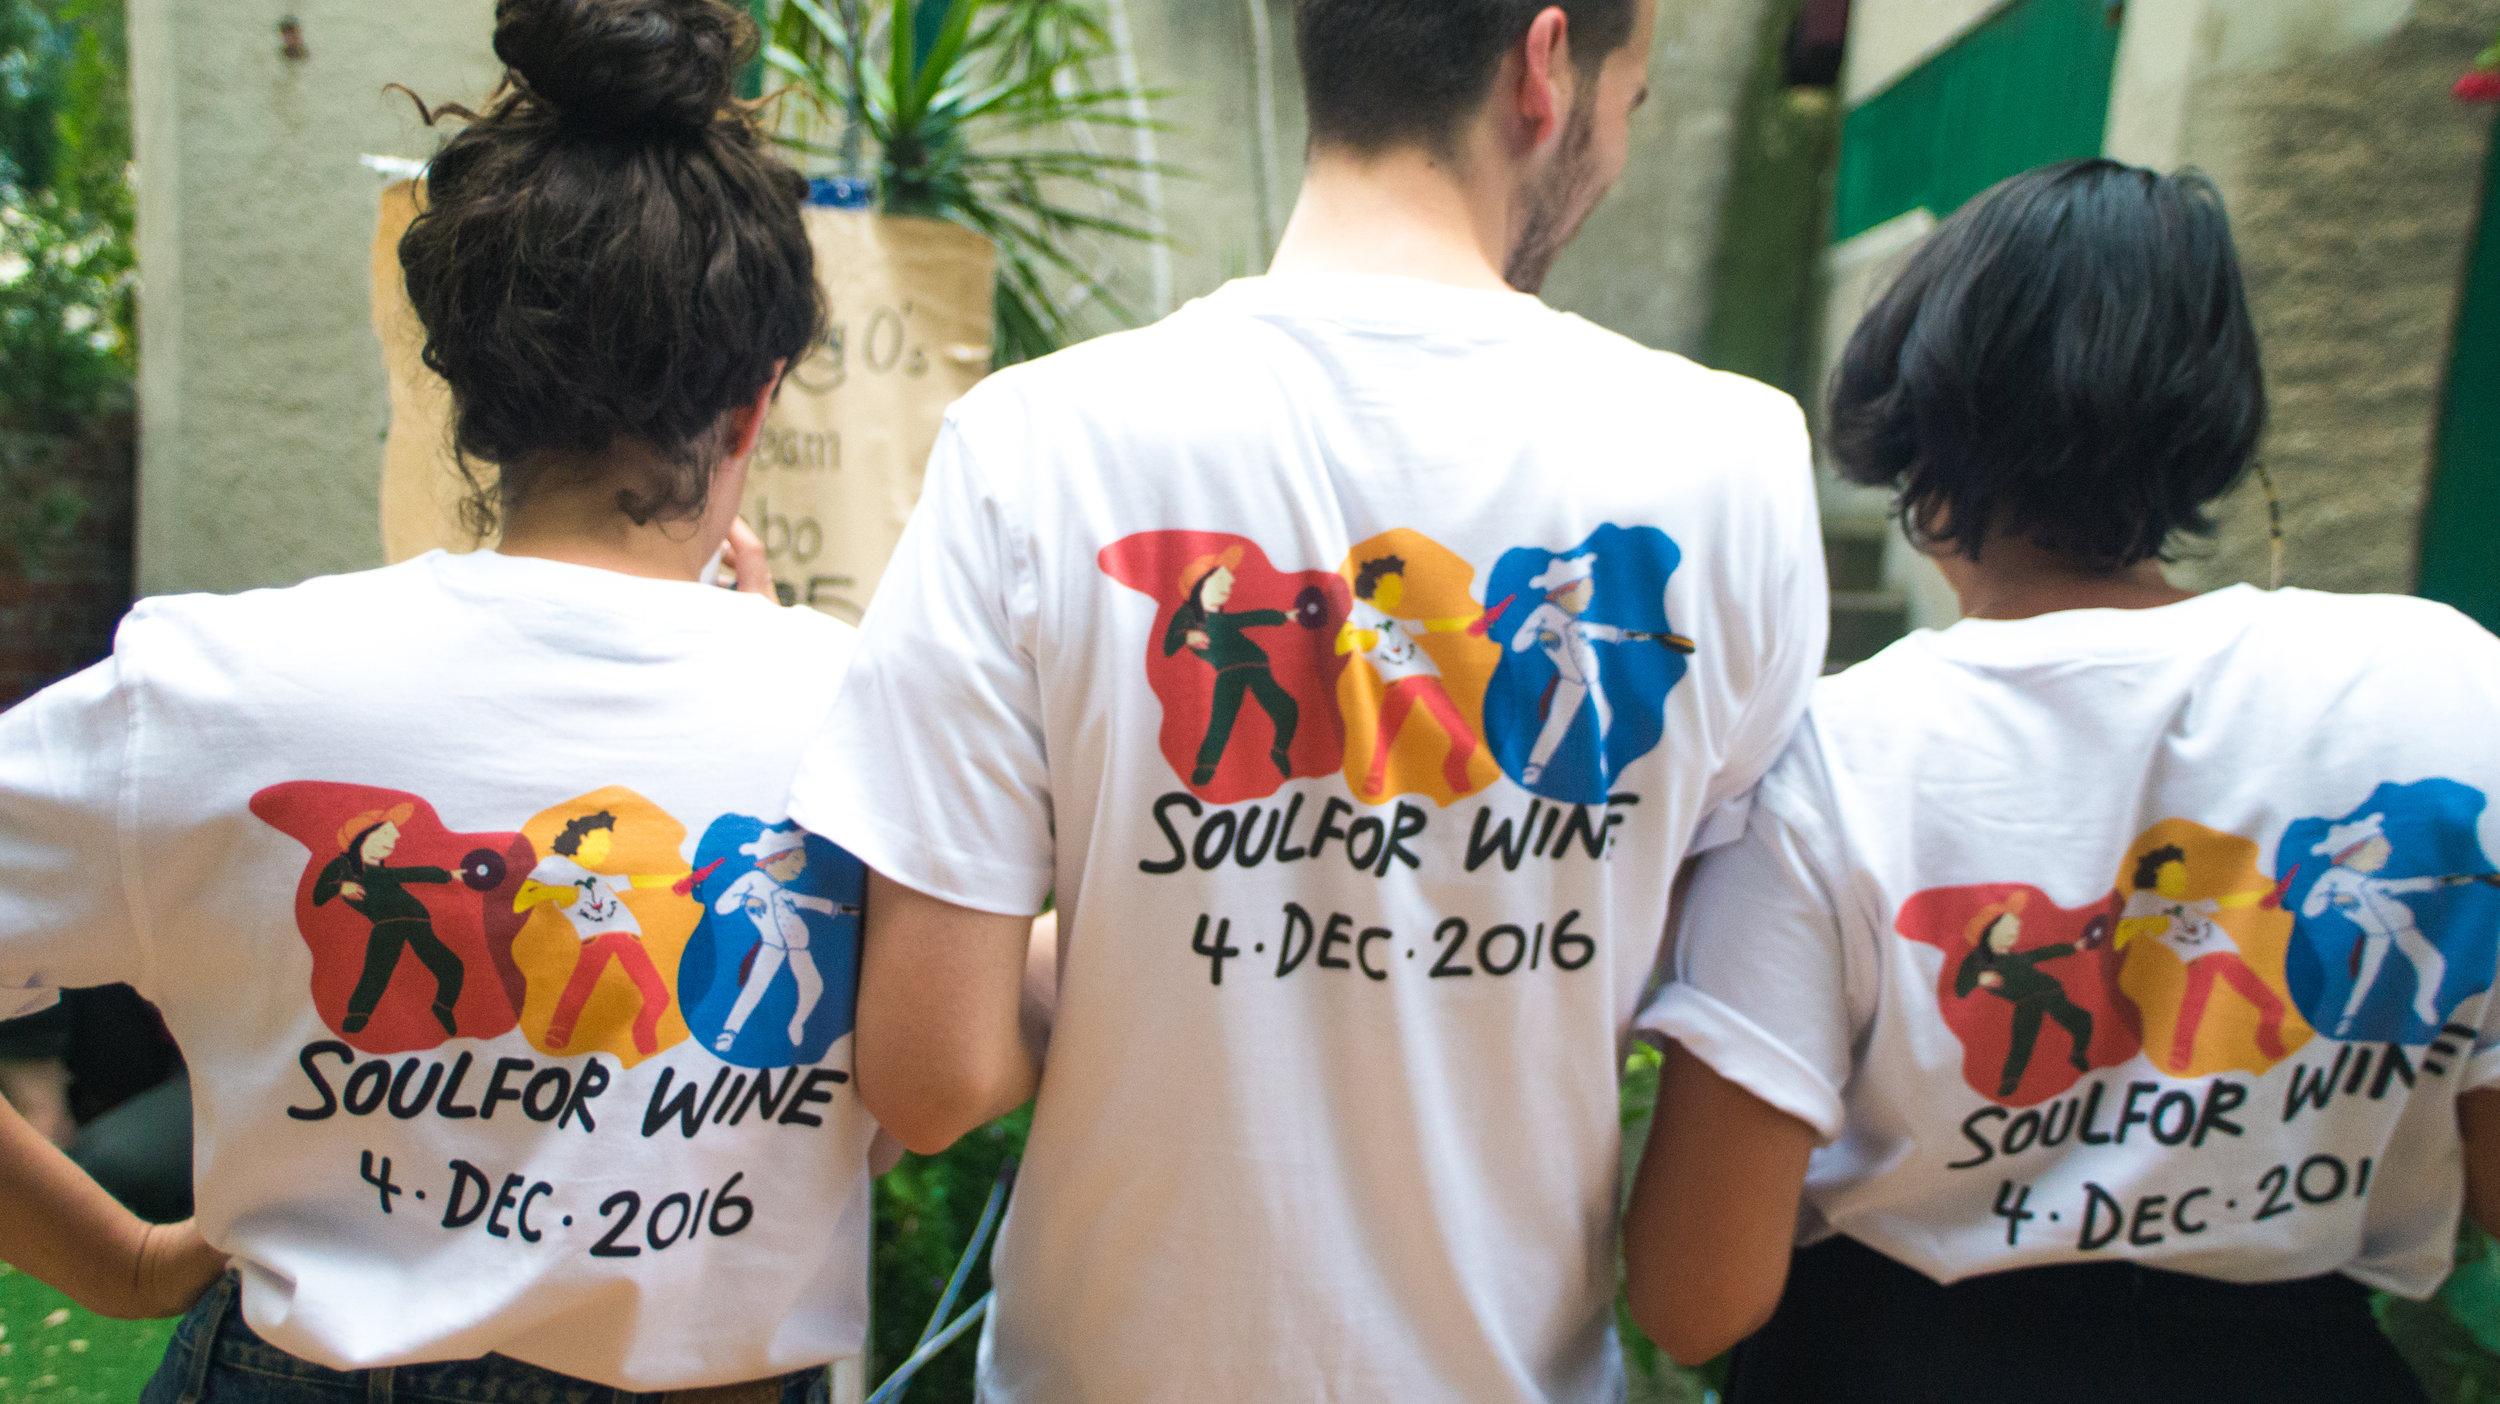 Soulfor_Wine_Festival (1 of 1).jpg